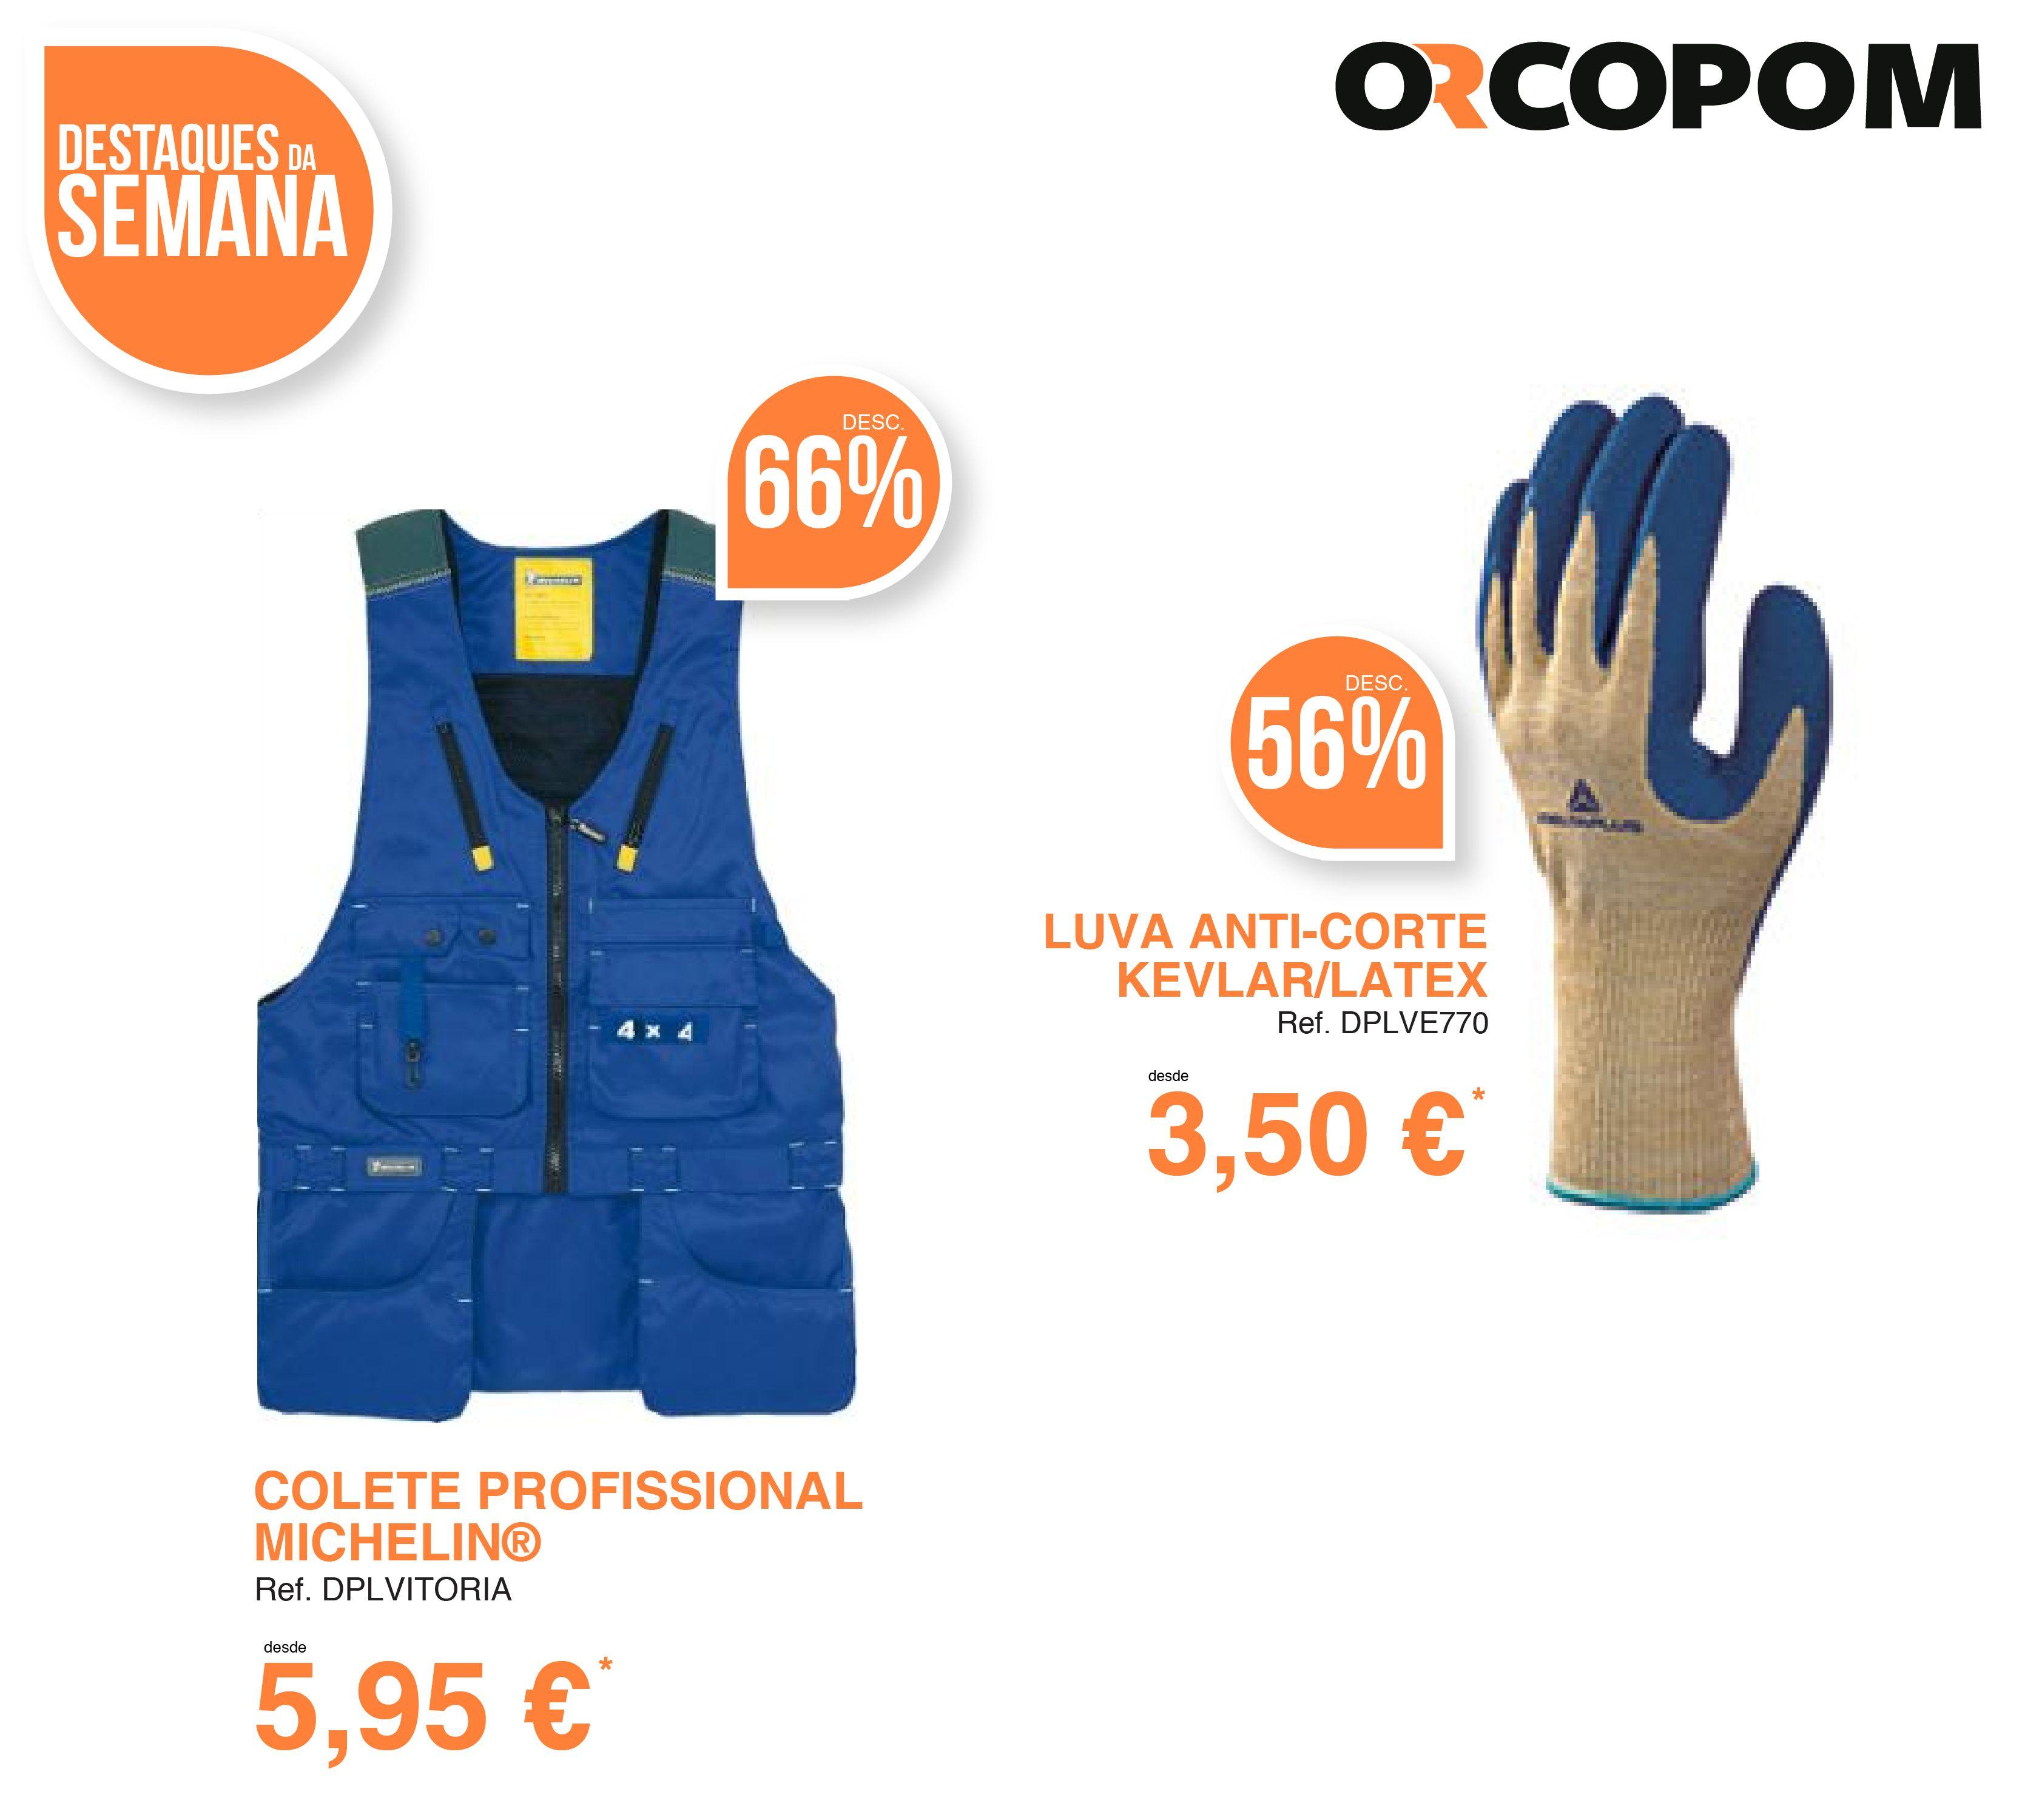 c19260bc04 PRODUTOS A PREÇOS IMBATÍVEIS! Saiba mais na nossa loja online     www.orcopom.com